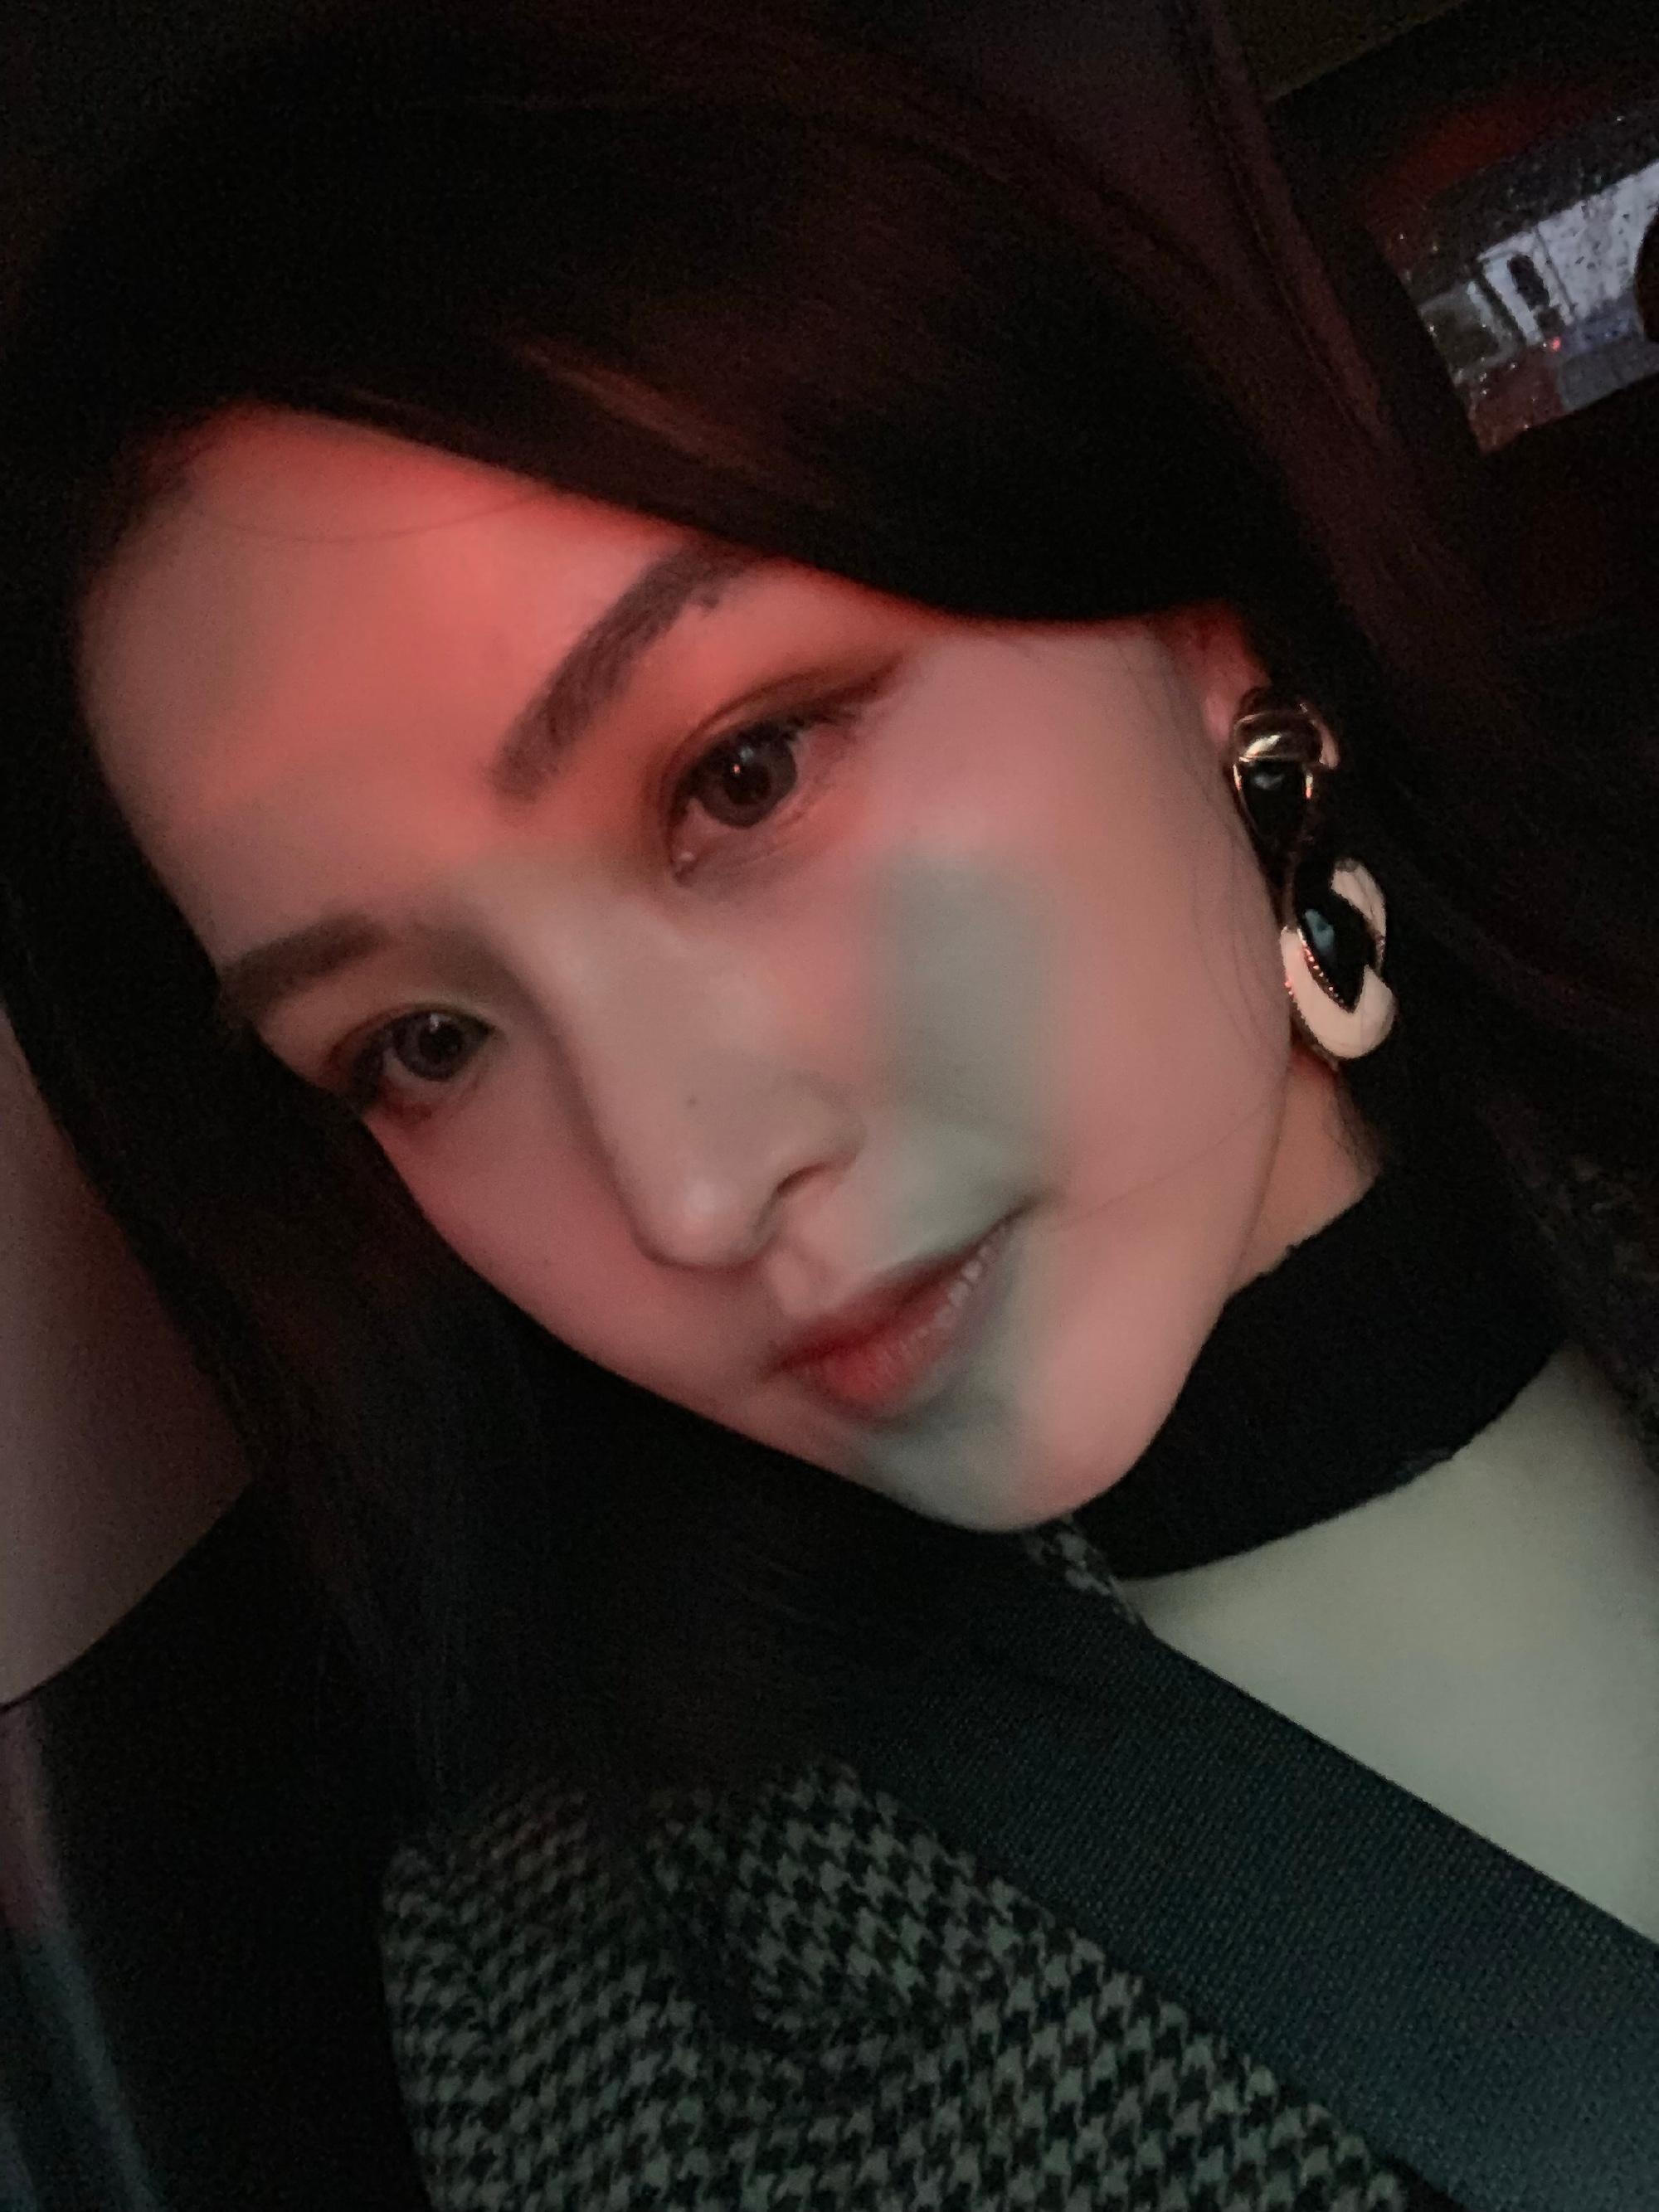 吕贝妮 上海戏剧学院影视表演专业 漂亮的处女座姑娘 坐标上海